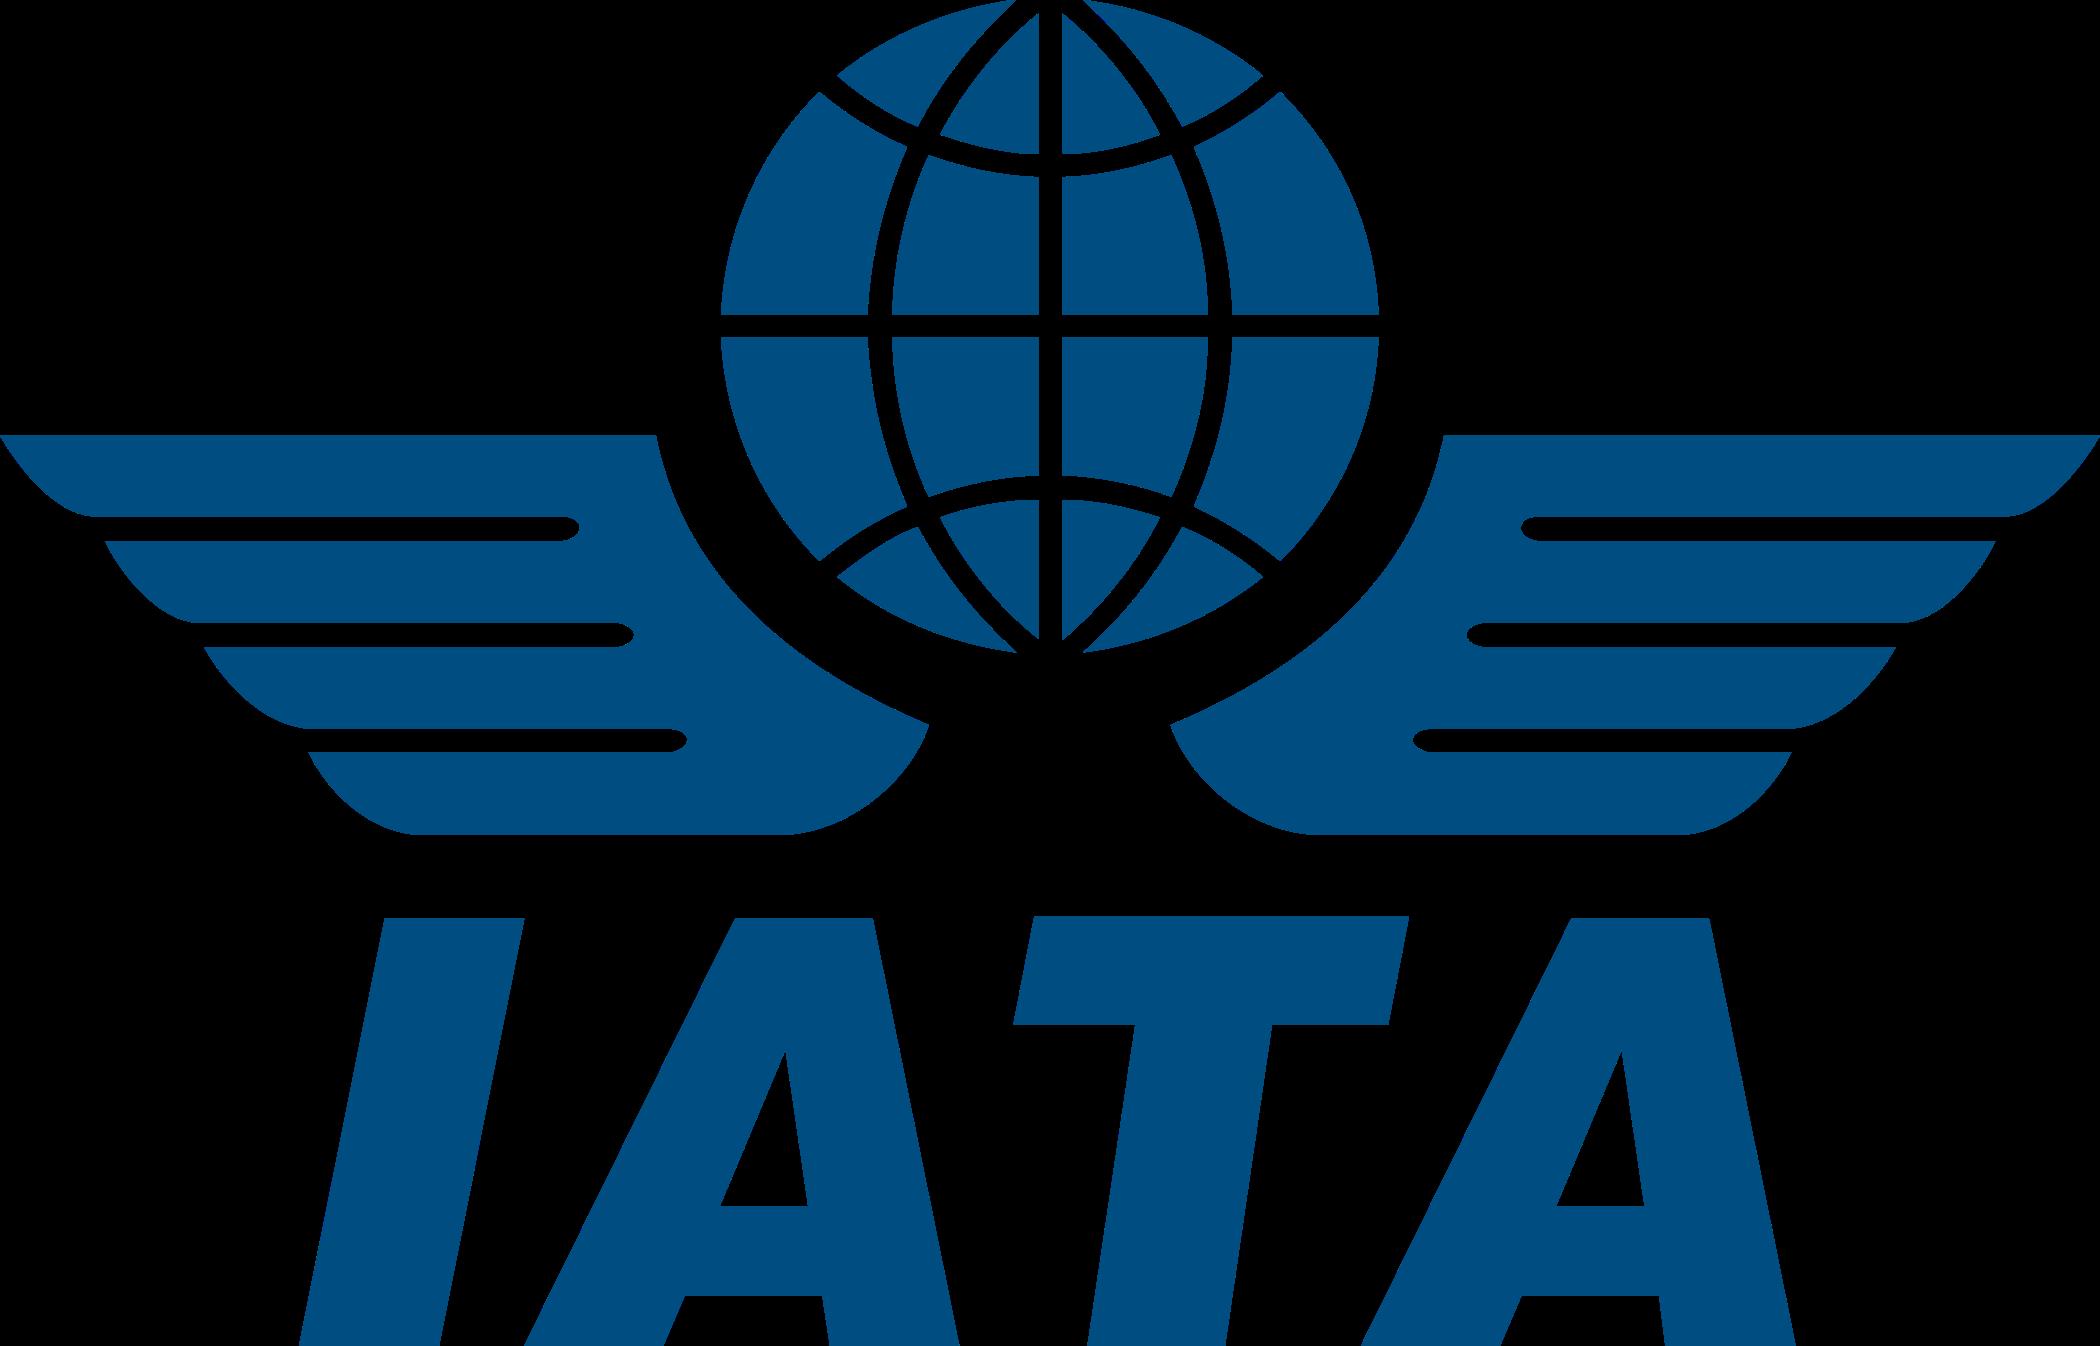 iata logo 1 - IATA Logo - Associação Internacional de Transportes Aéreos Logo